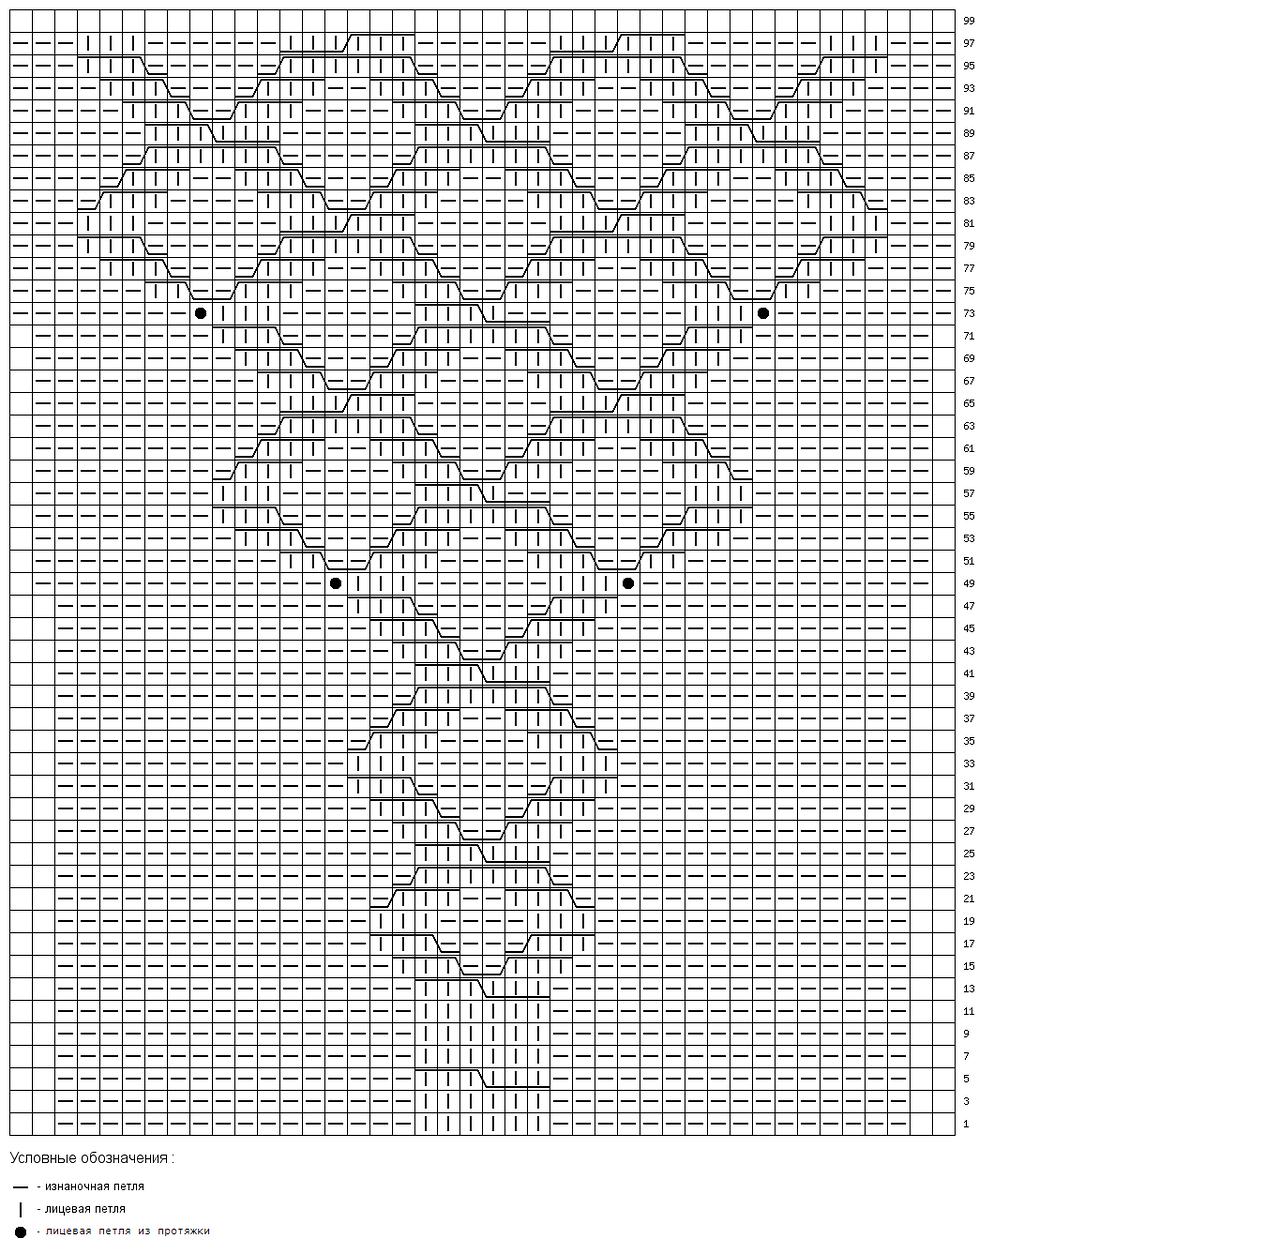 схема_3_1